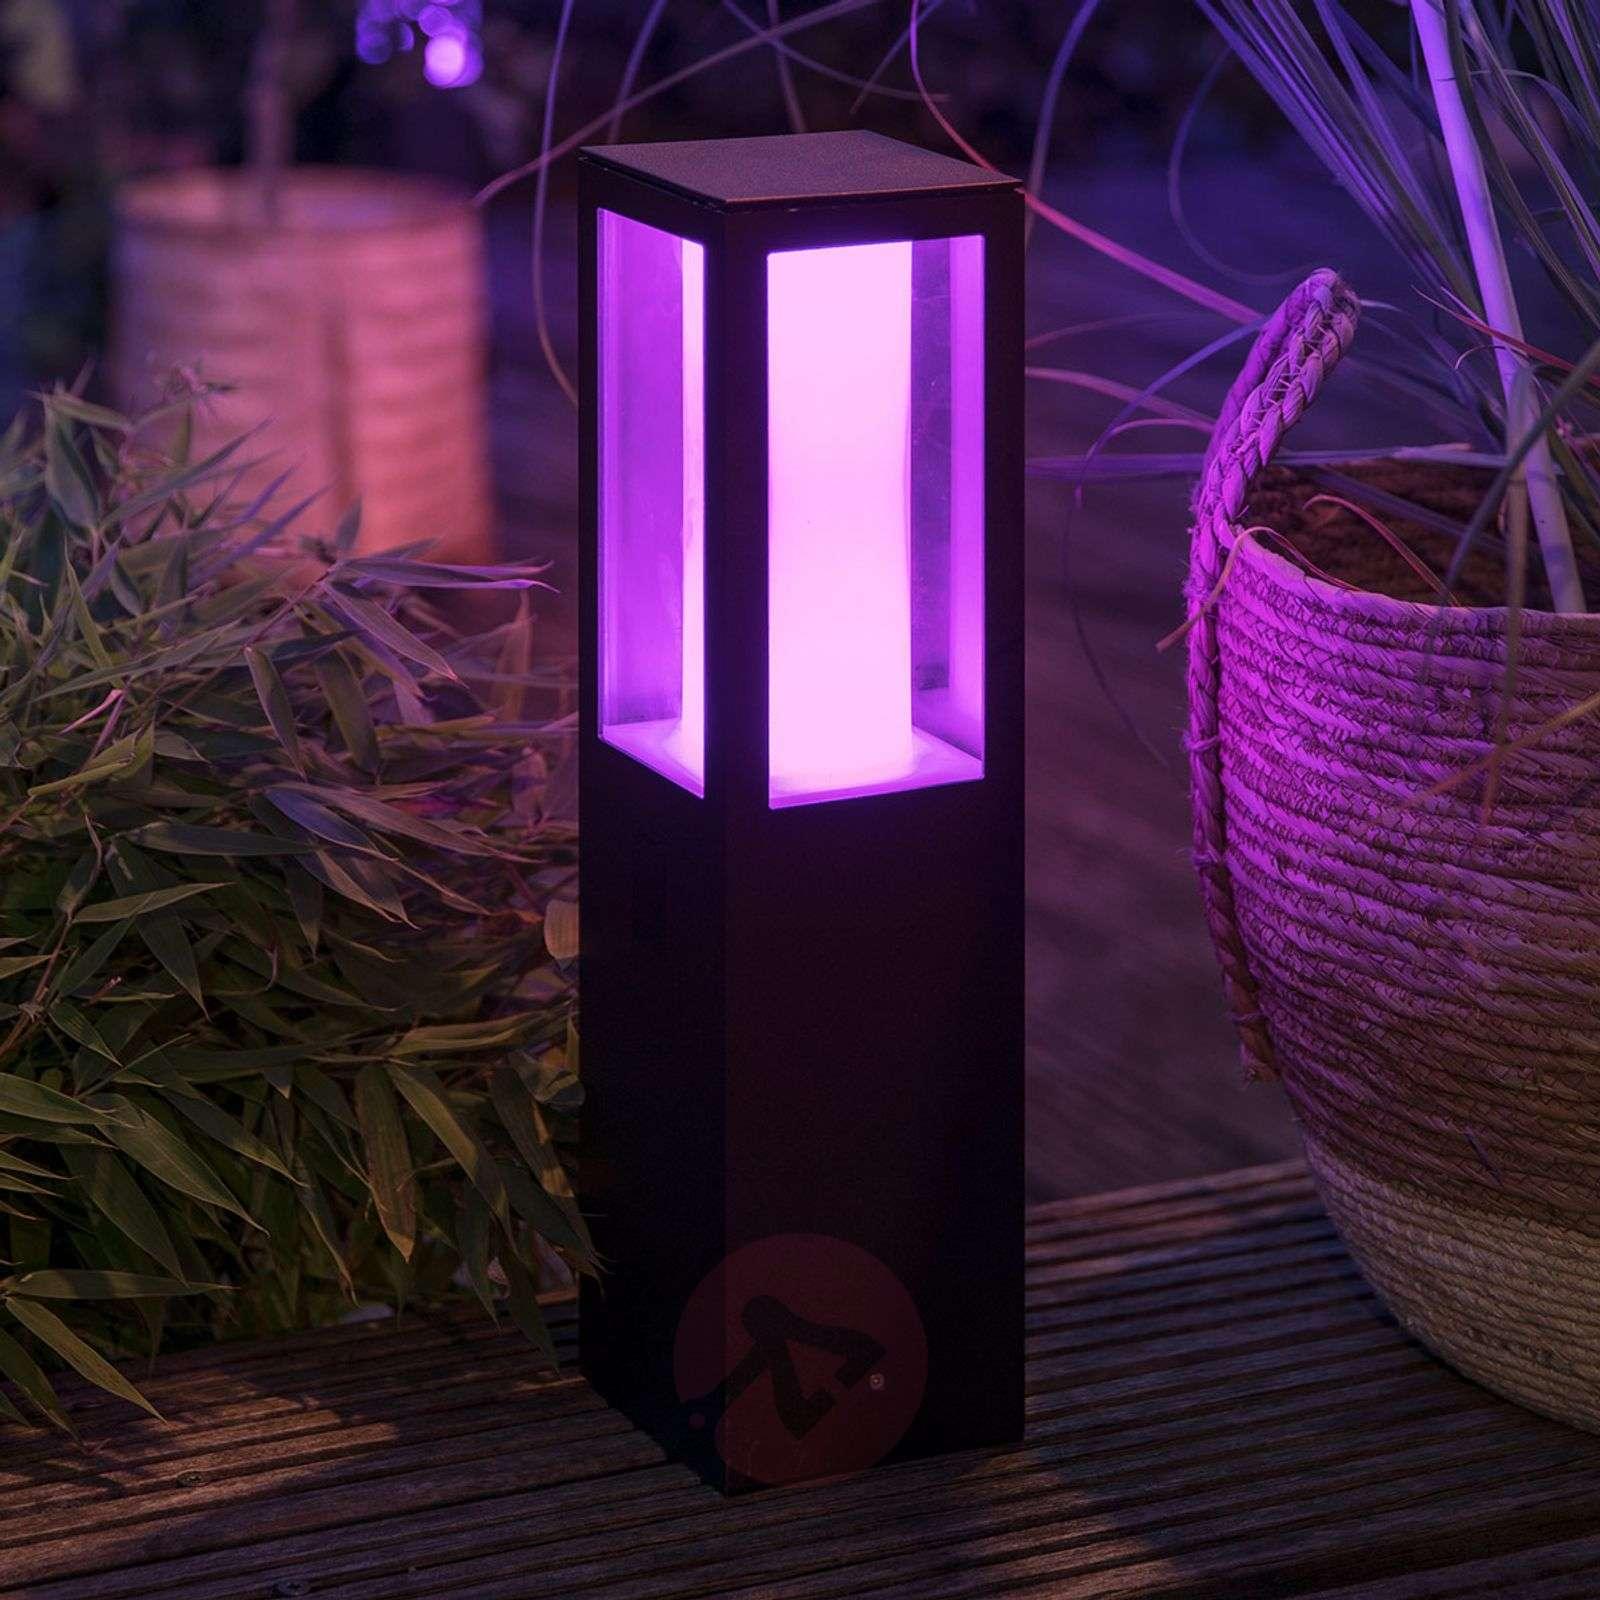 Philips Hue White+Color Impress LED pillar light-7534110-02